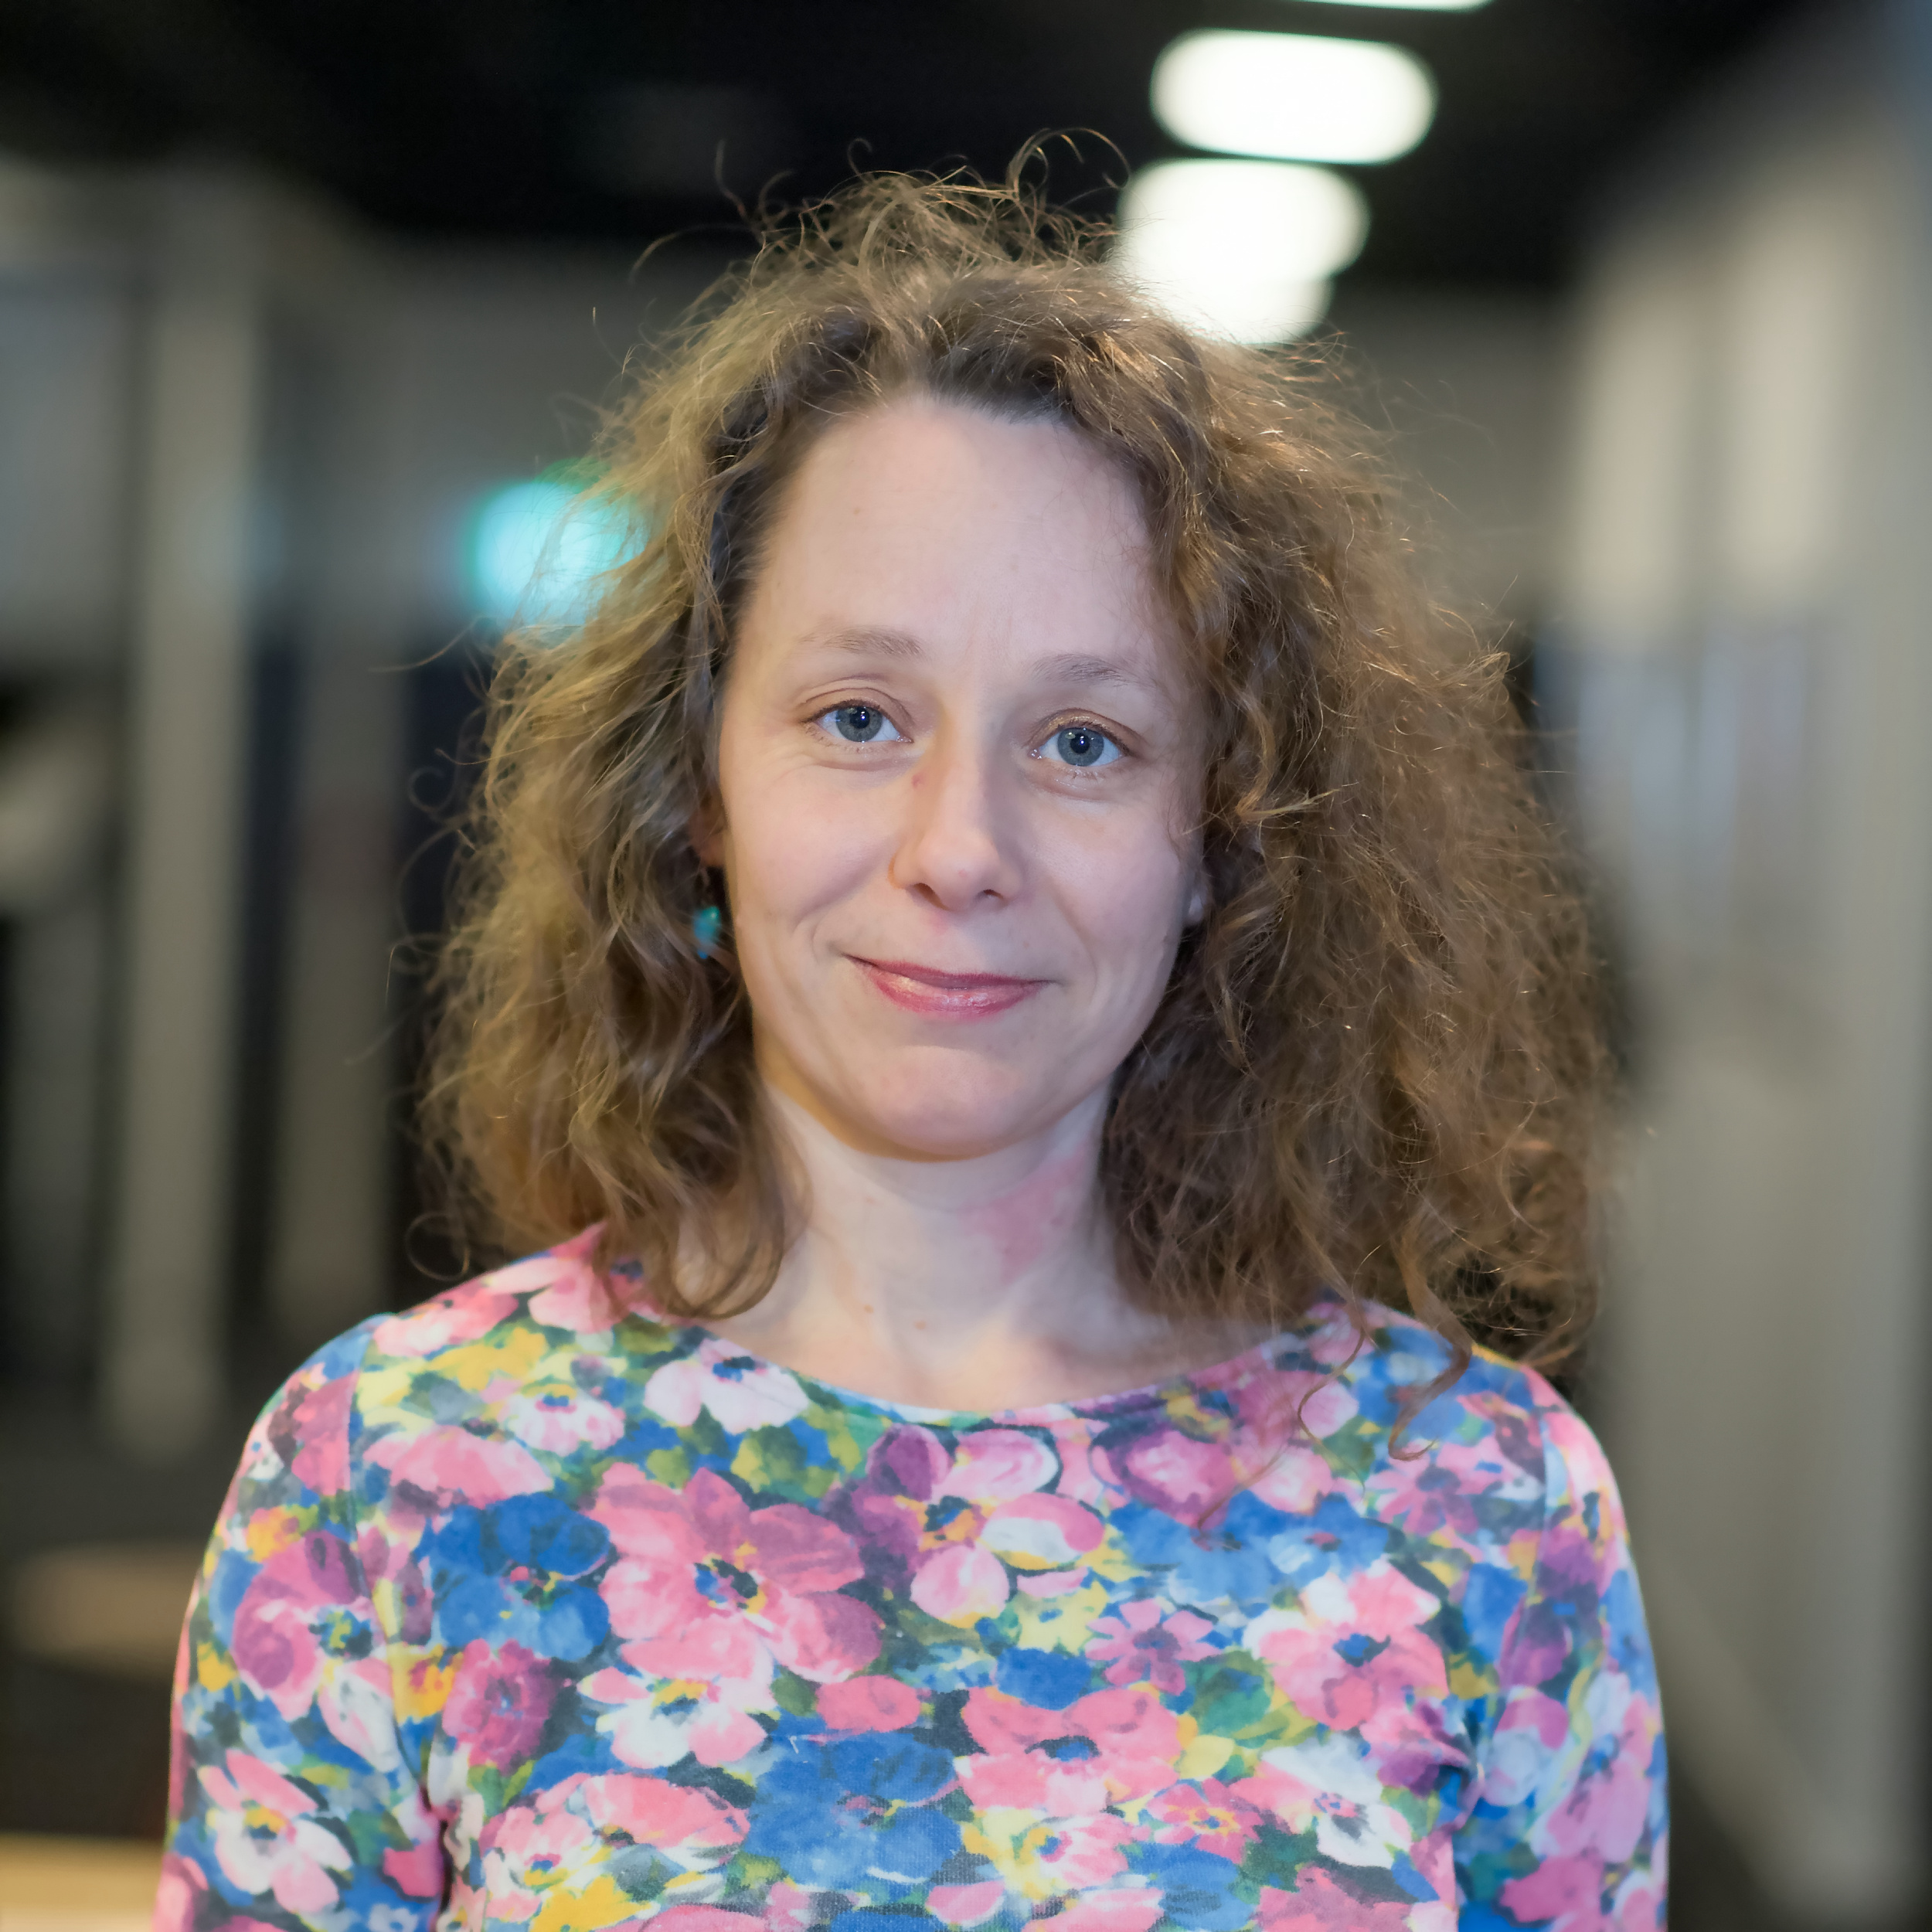 Charlotte Blanche Myrvold#Seniorrådgiver#Prosjektleder FoNT# cbm @ kulturtanken.no#Tlf. 922 93 032